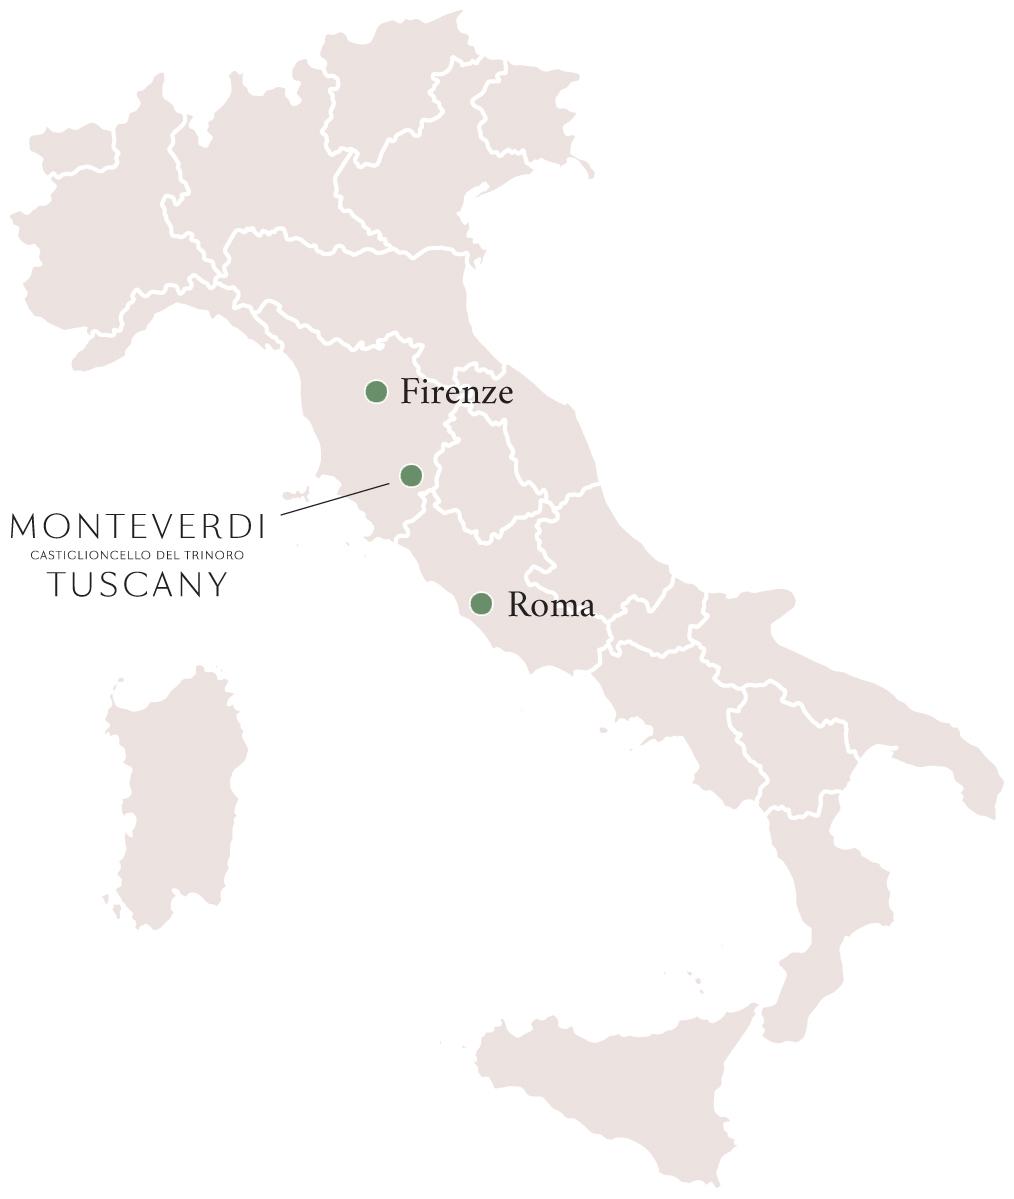 Tuscany Map Of Italy.Castiglioncello Del Trinoro Location Directions Monteverdi Tuscany